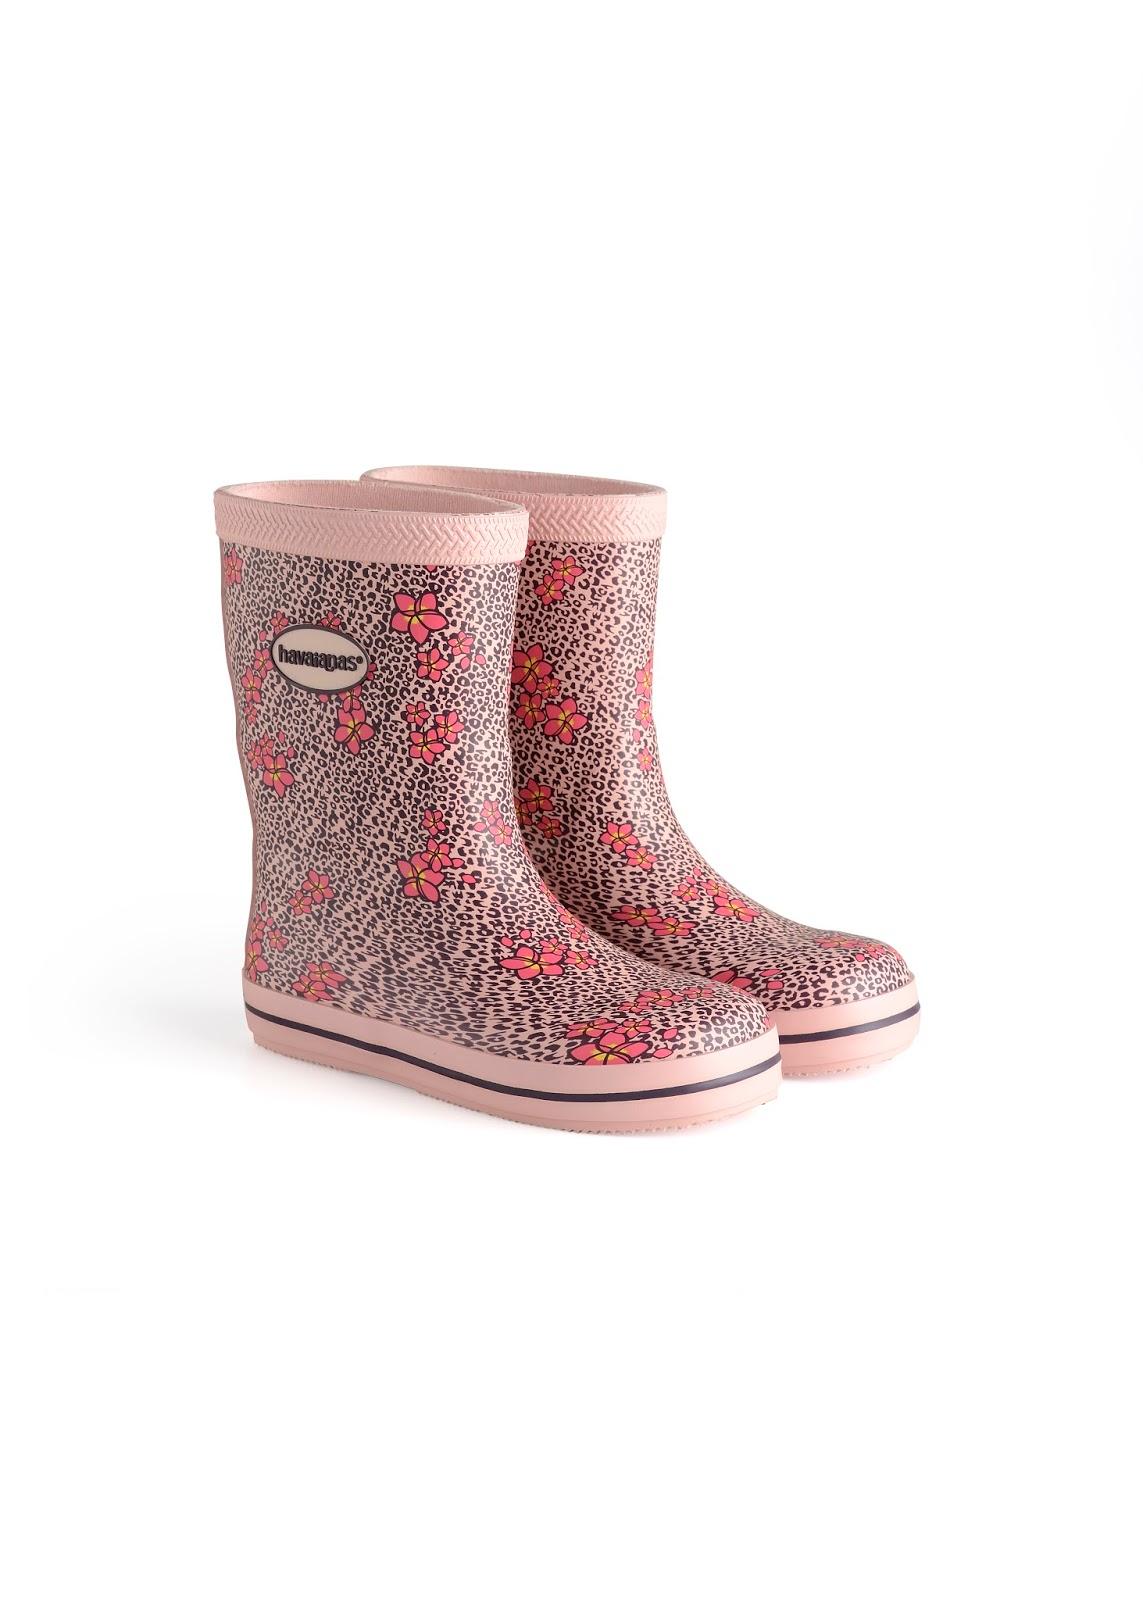 vive l 39 automne avec les bottes de pluie havaianas dans la peau d 39 une fille. Black Bedroom Furniture Sets. Home Design Ideas